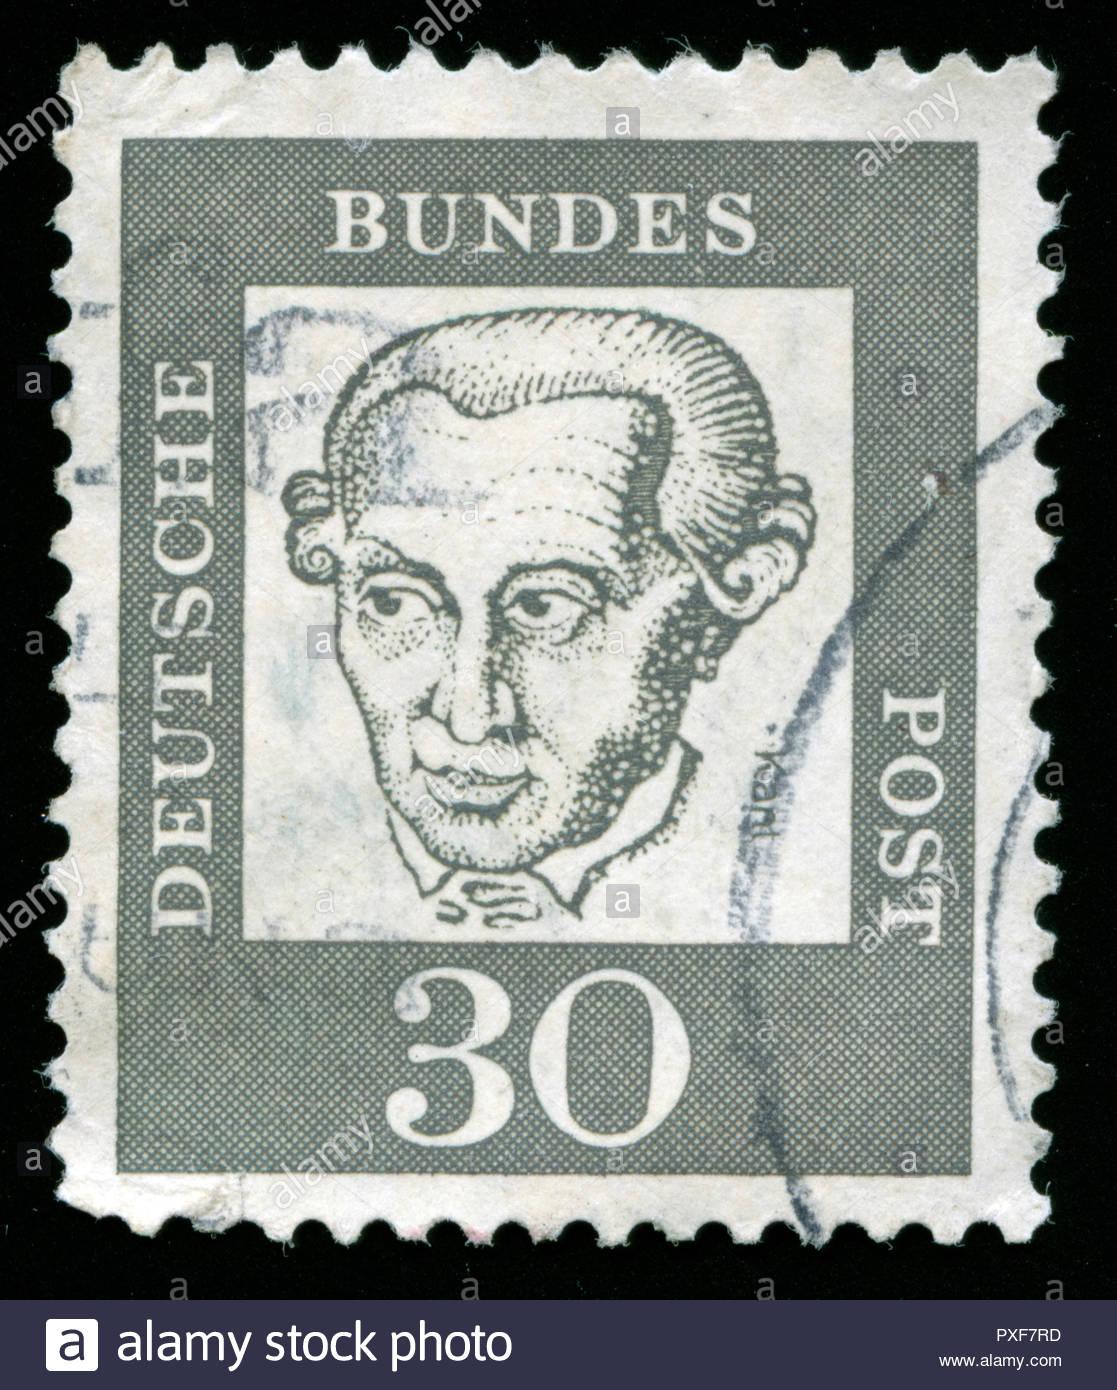 Poststempel Stempel aus der Bundesrepublik Deutschland in der hervorragenden deutschen Serie Stockbild